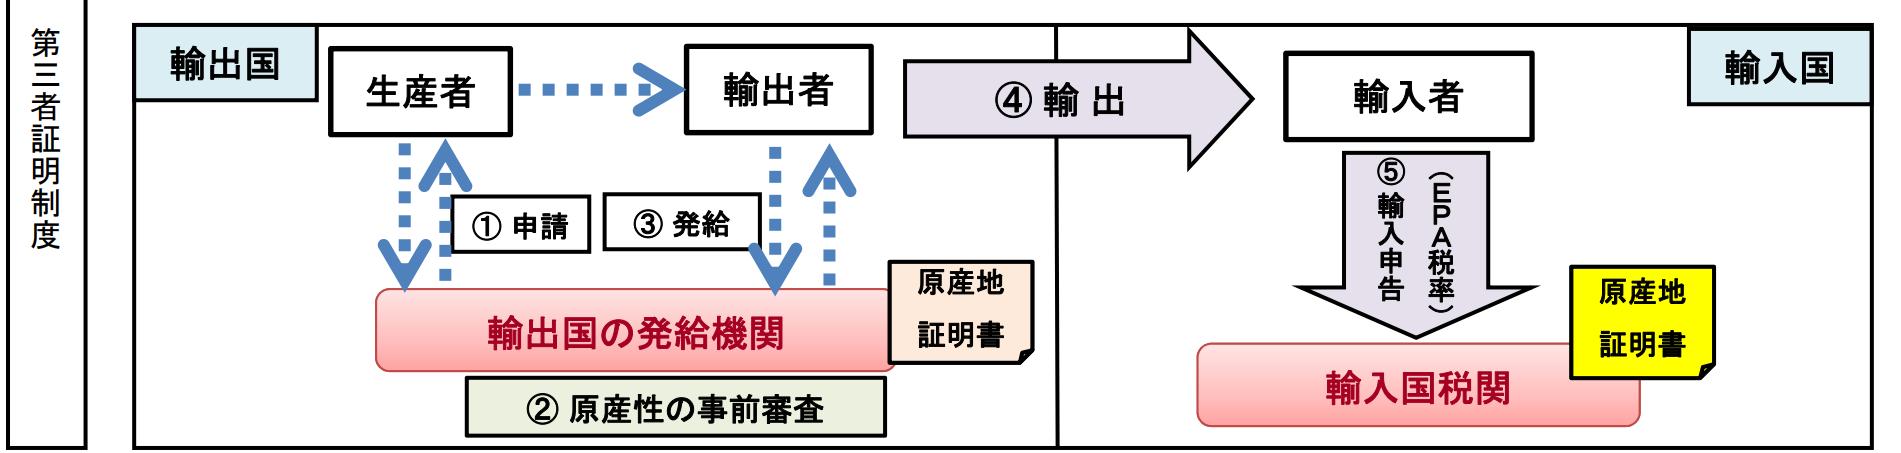 原産地証明書提出までの流れ